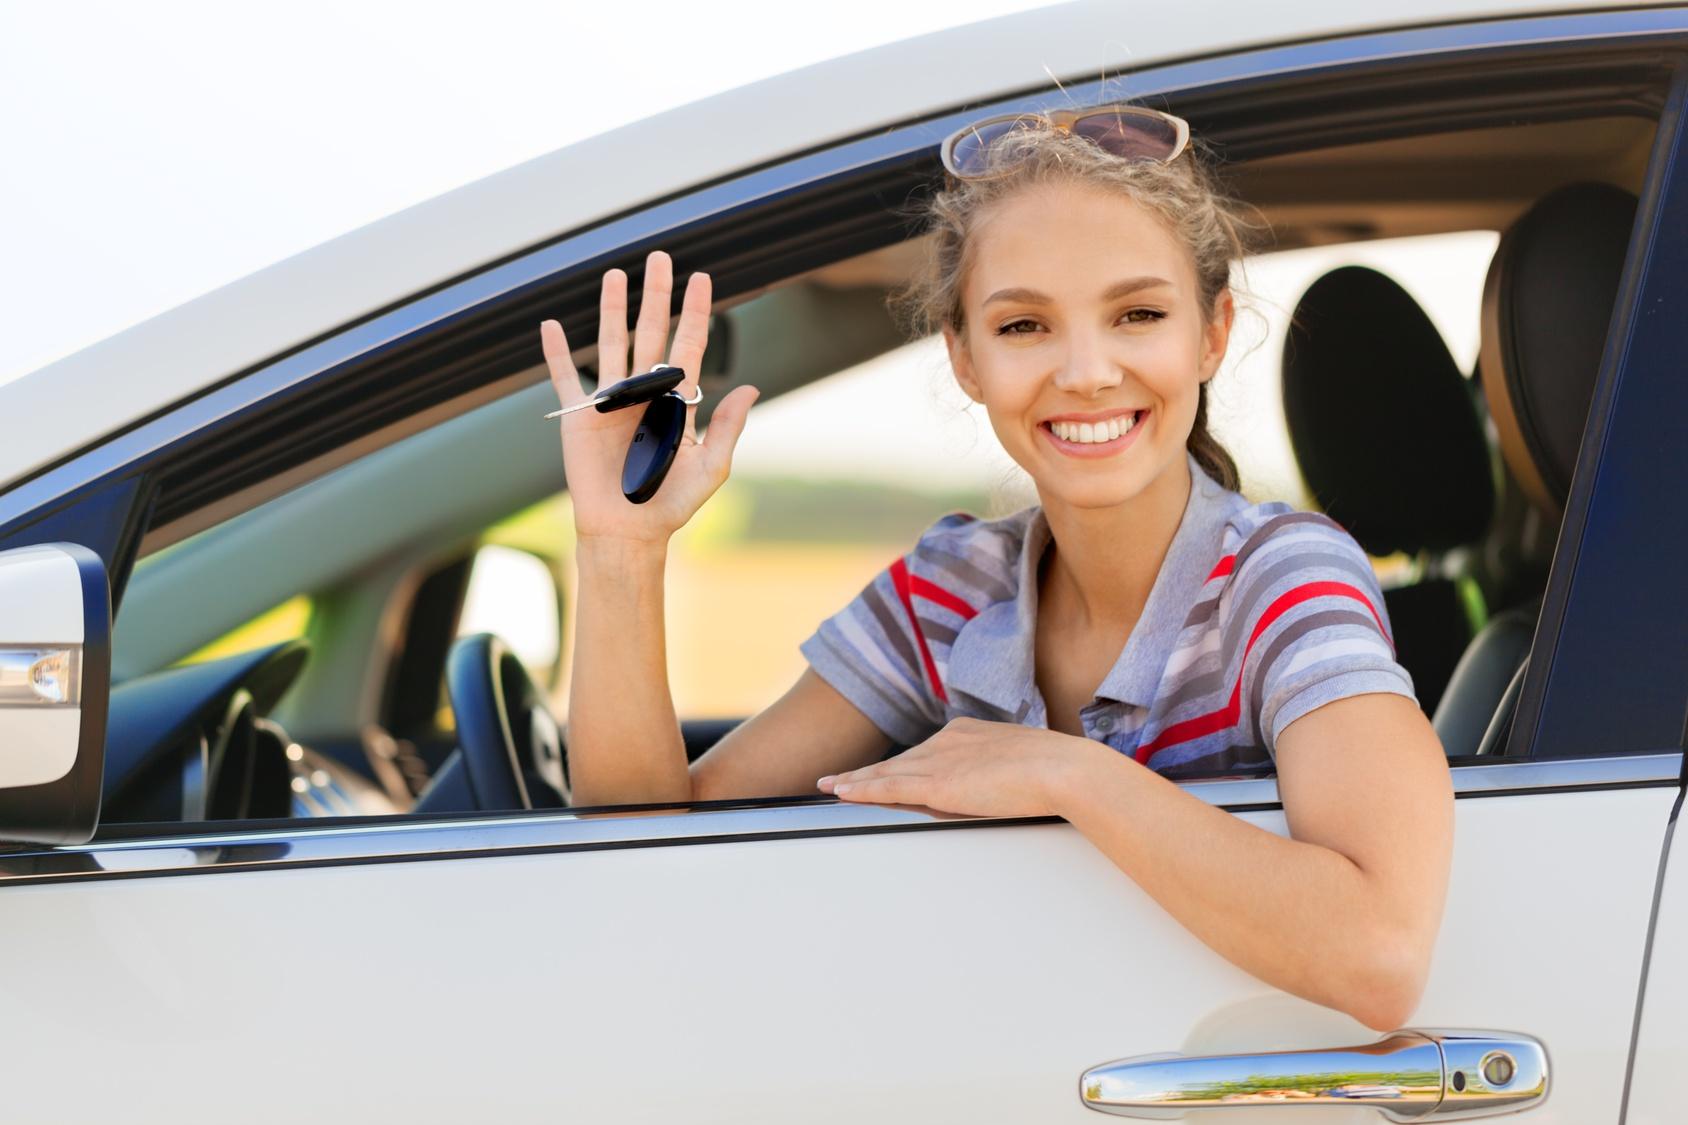 Photographie d'une jeune femme au volant d'une voiture